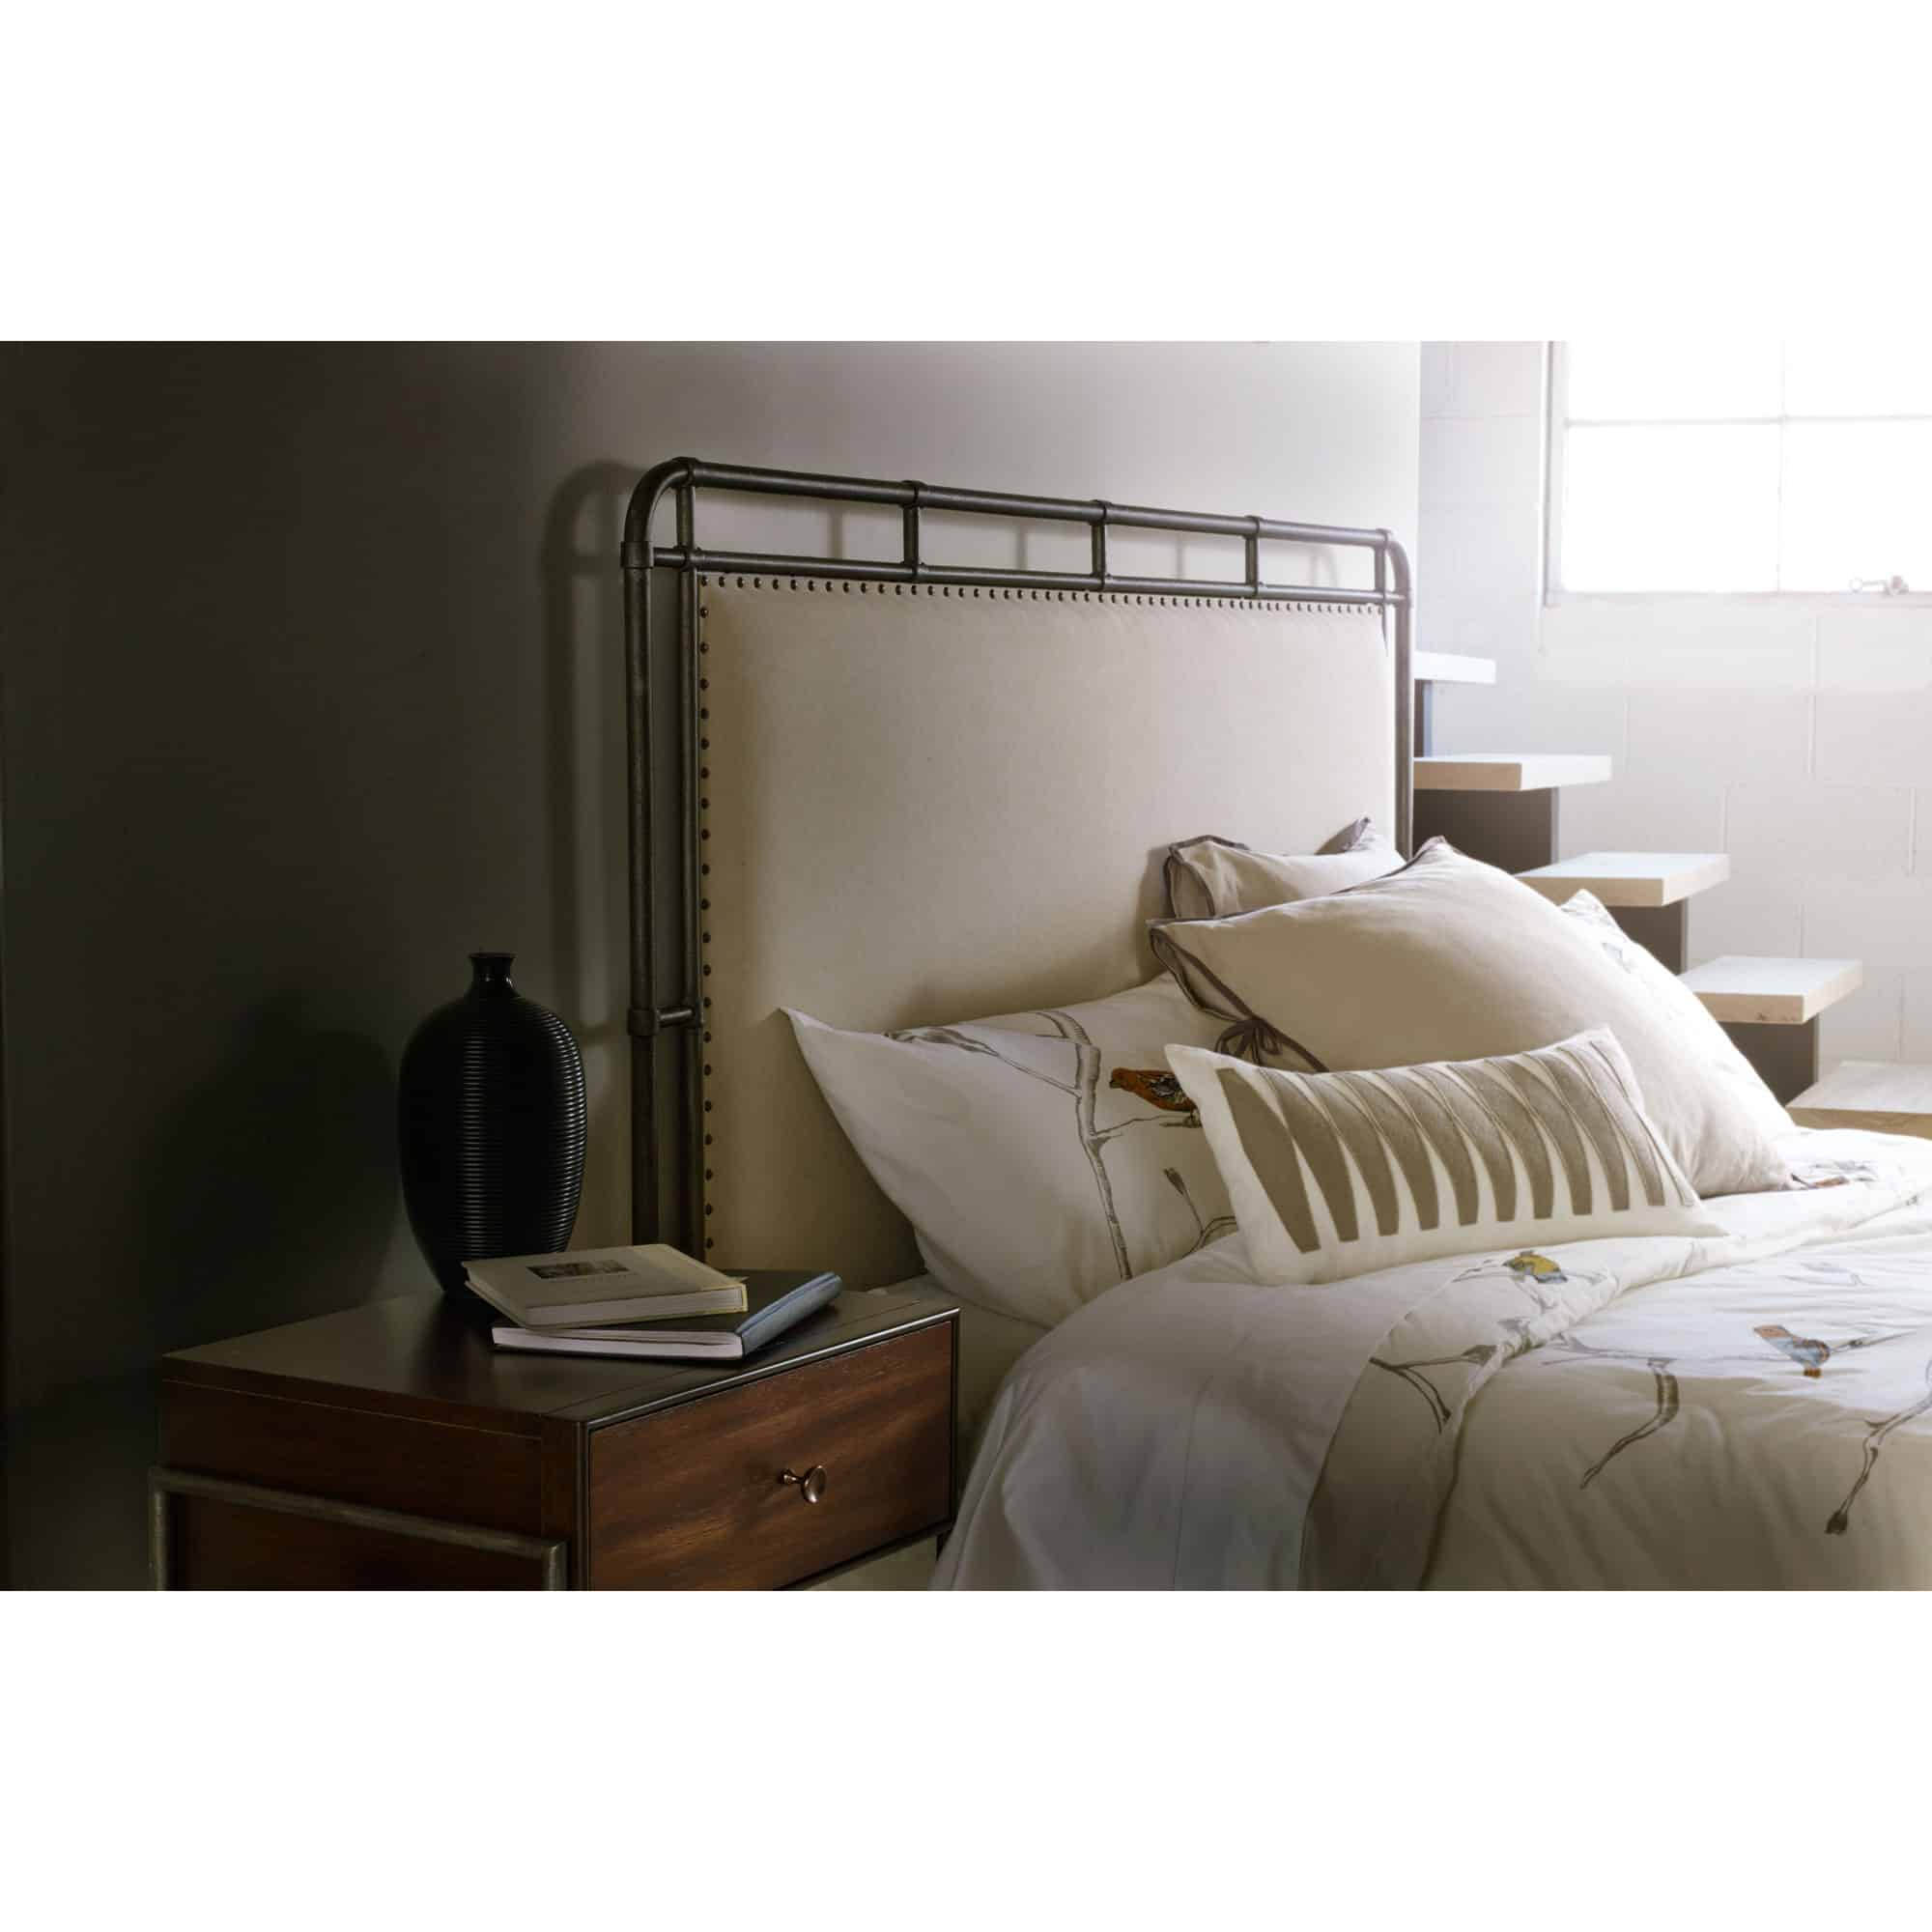 collection furniture queen hooker set shop corsica bedroom